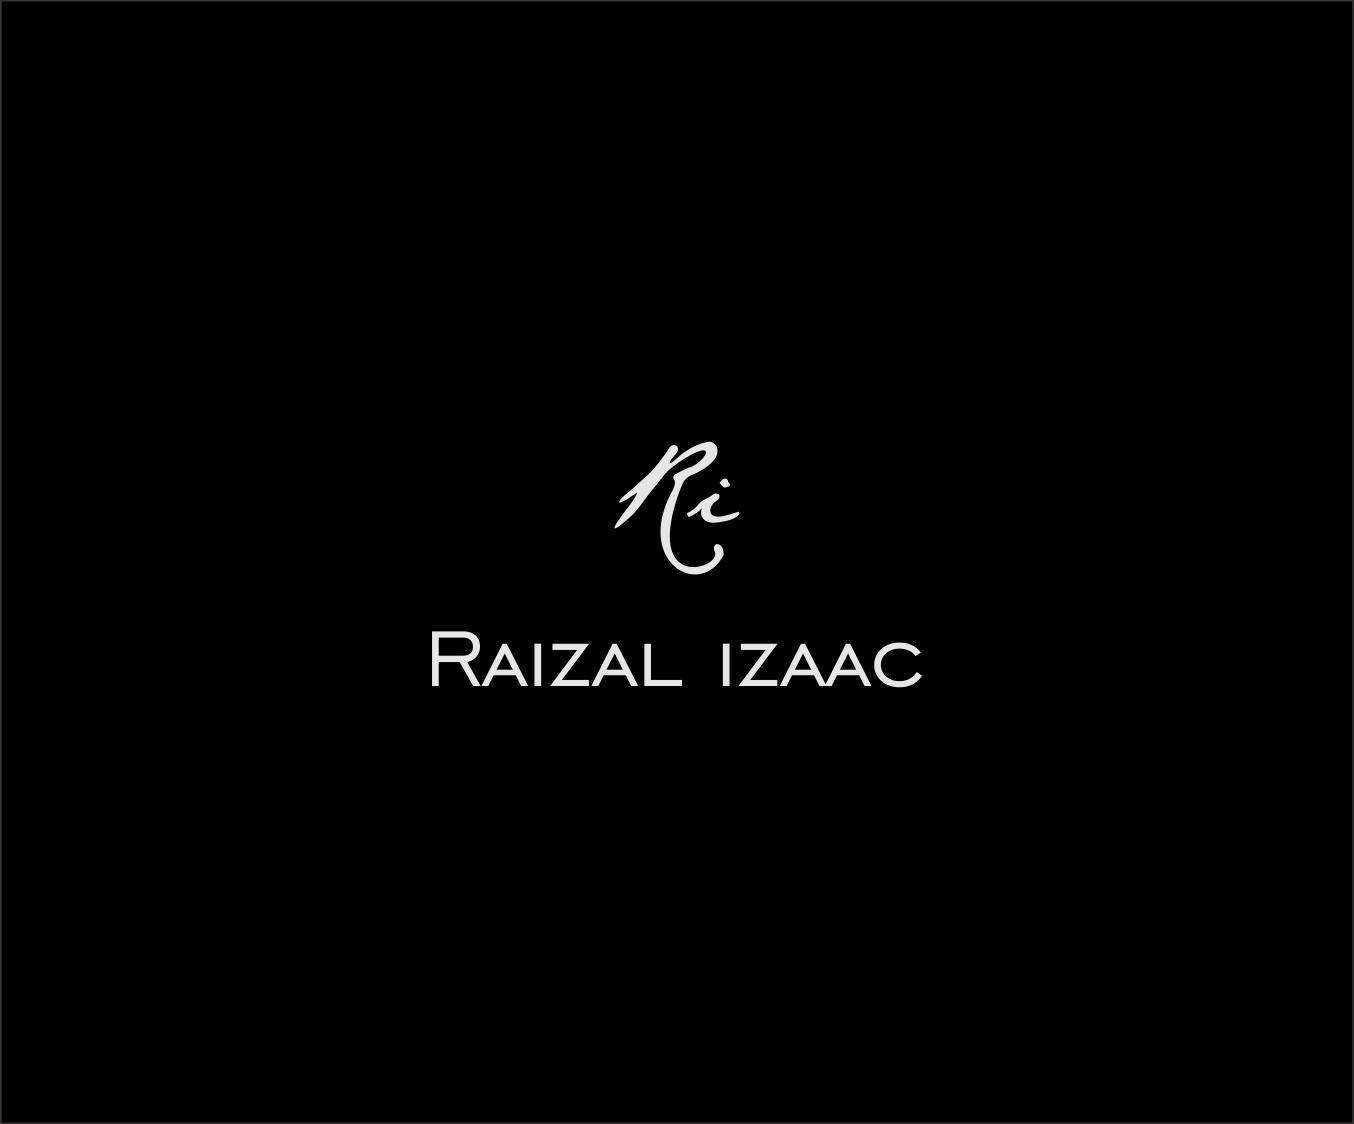 Logo Design by Agus Martoyo - Entry No. 4 in the Logo Design Contest Creative Logo Design for Raizal Izaac.